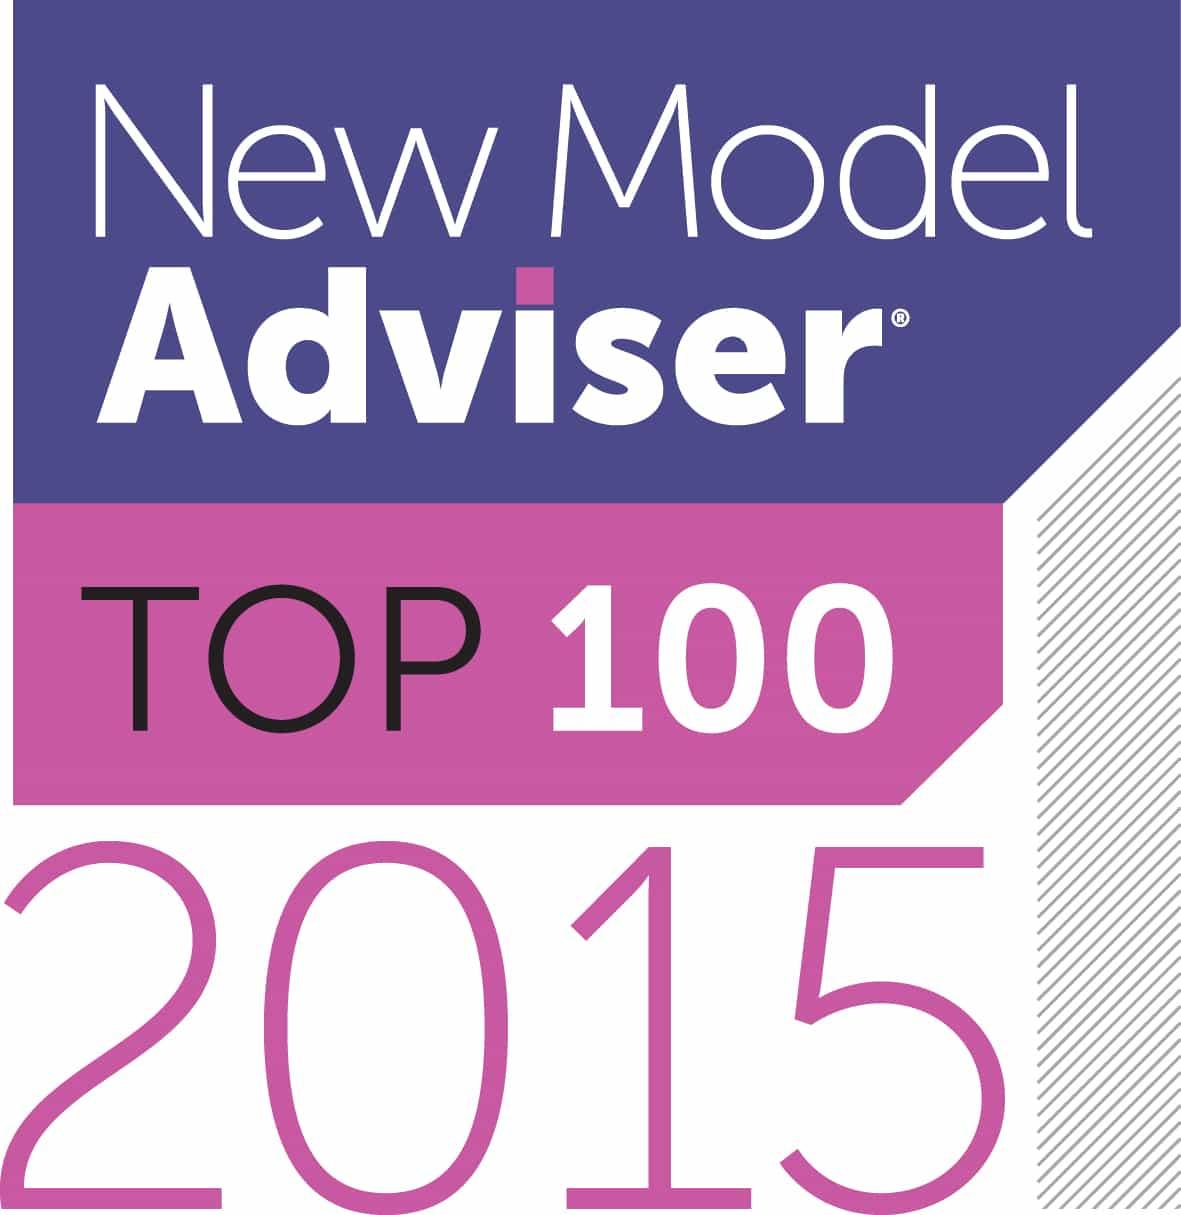 New Model Advisor 2015